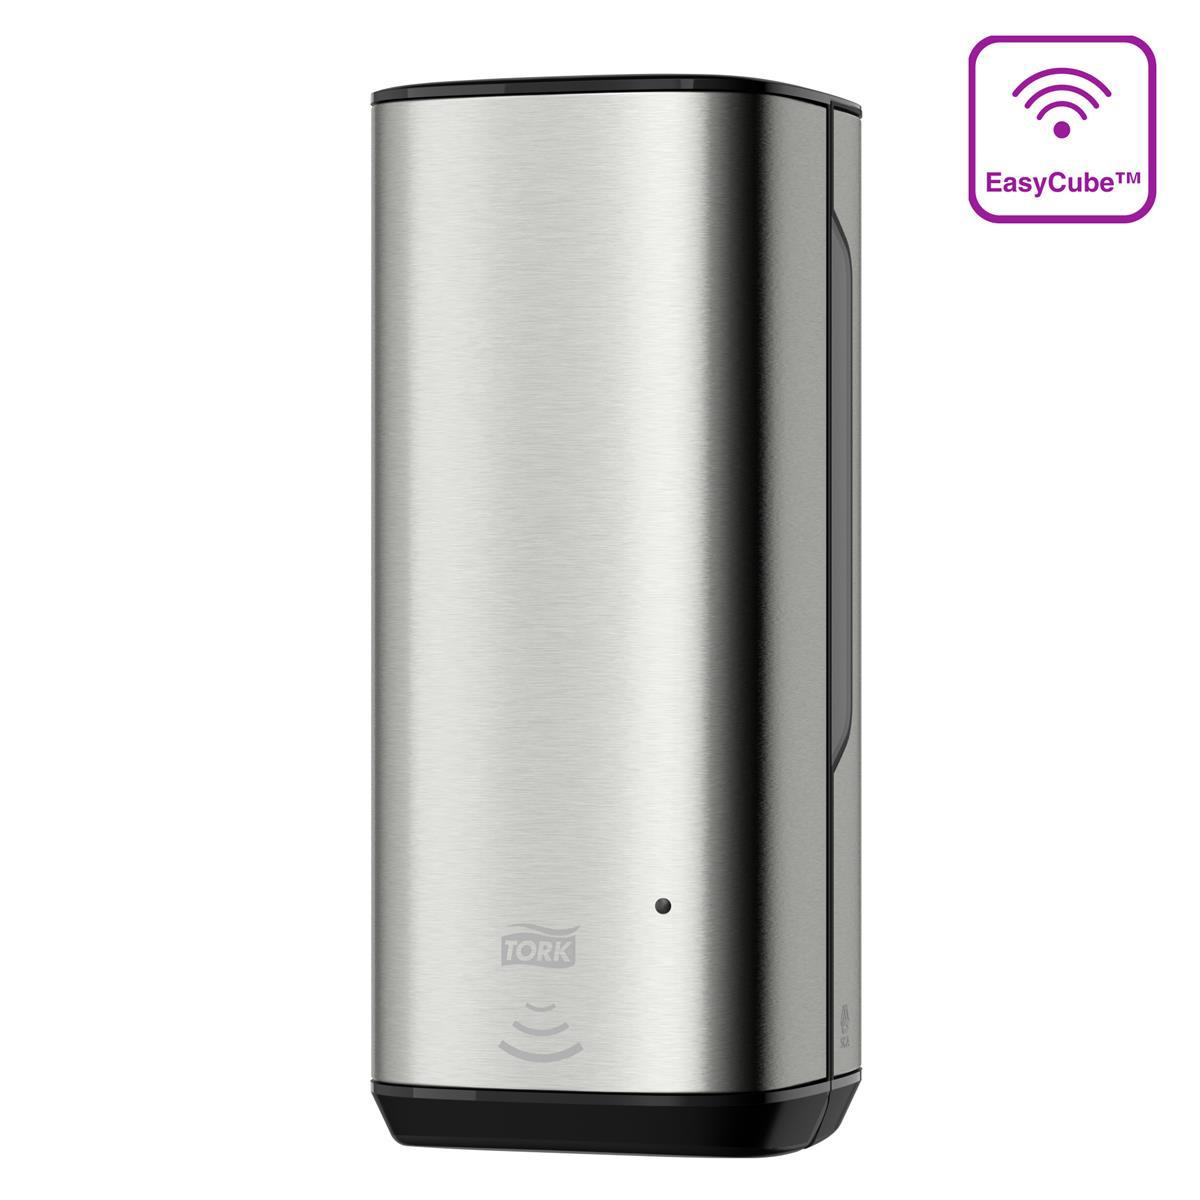 Tork Foam Soap Dispenser 1000ml Sensor-activated LED Refill Indicator S/Steel Ref 460009